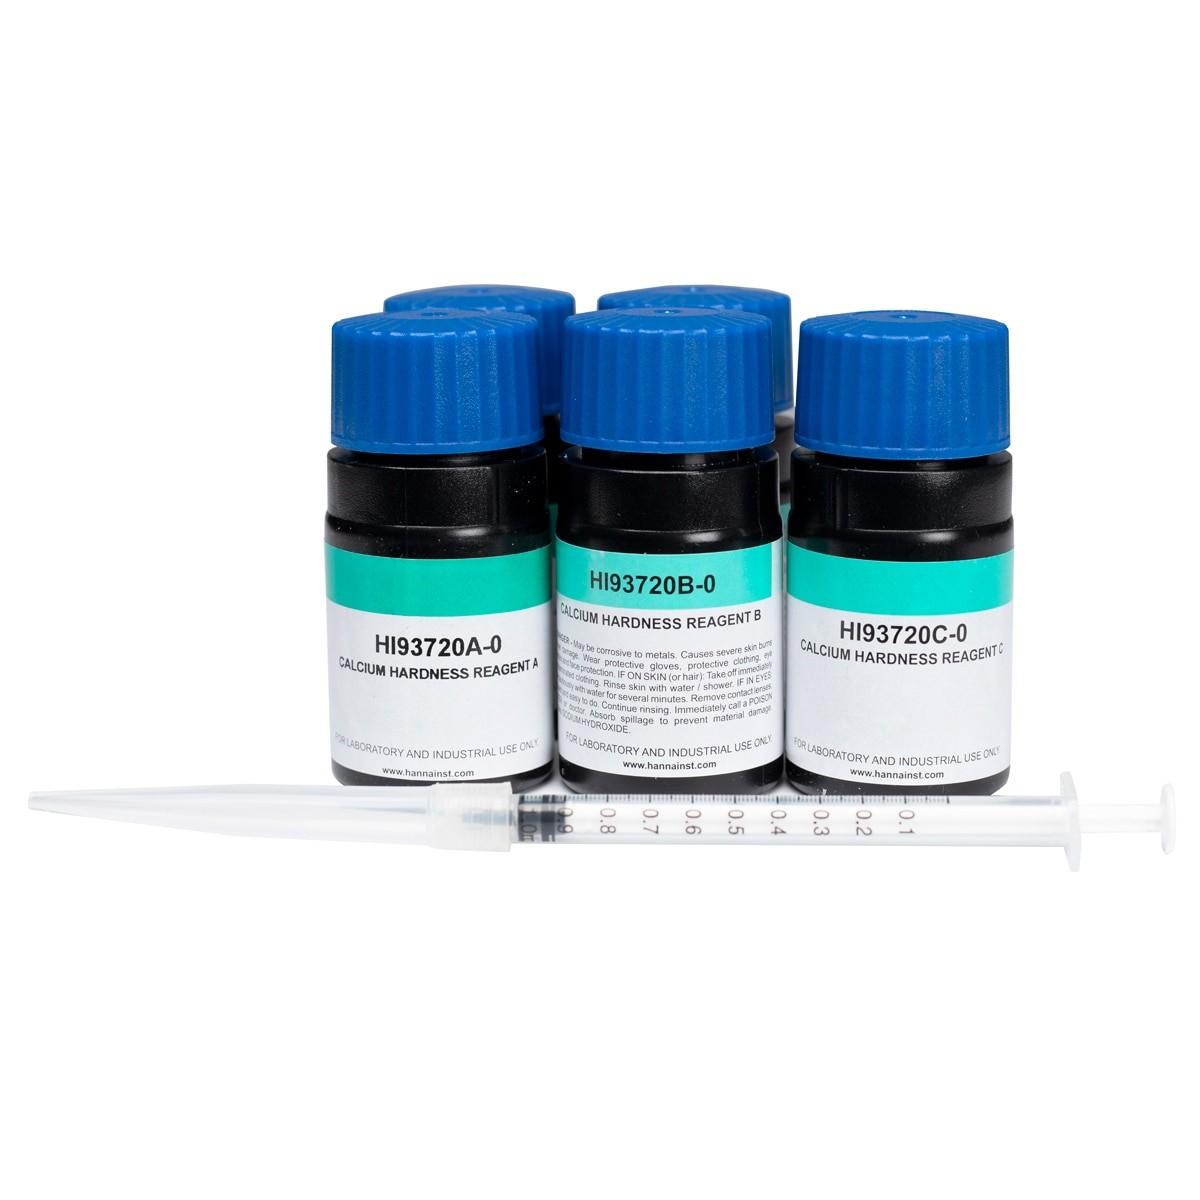 HI93720-01 Calcium Hardness Reagents (100 tests)